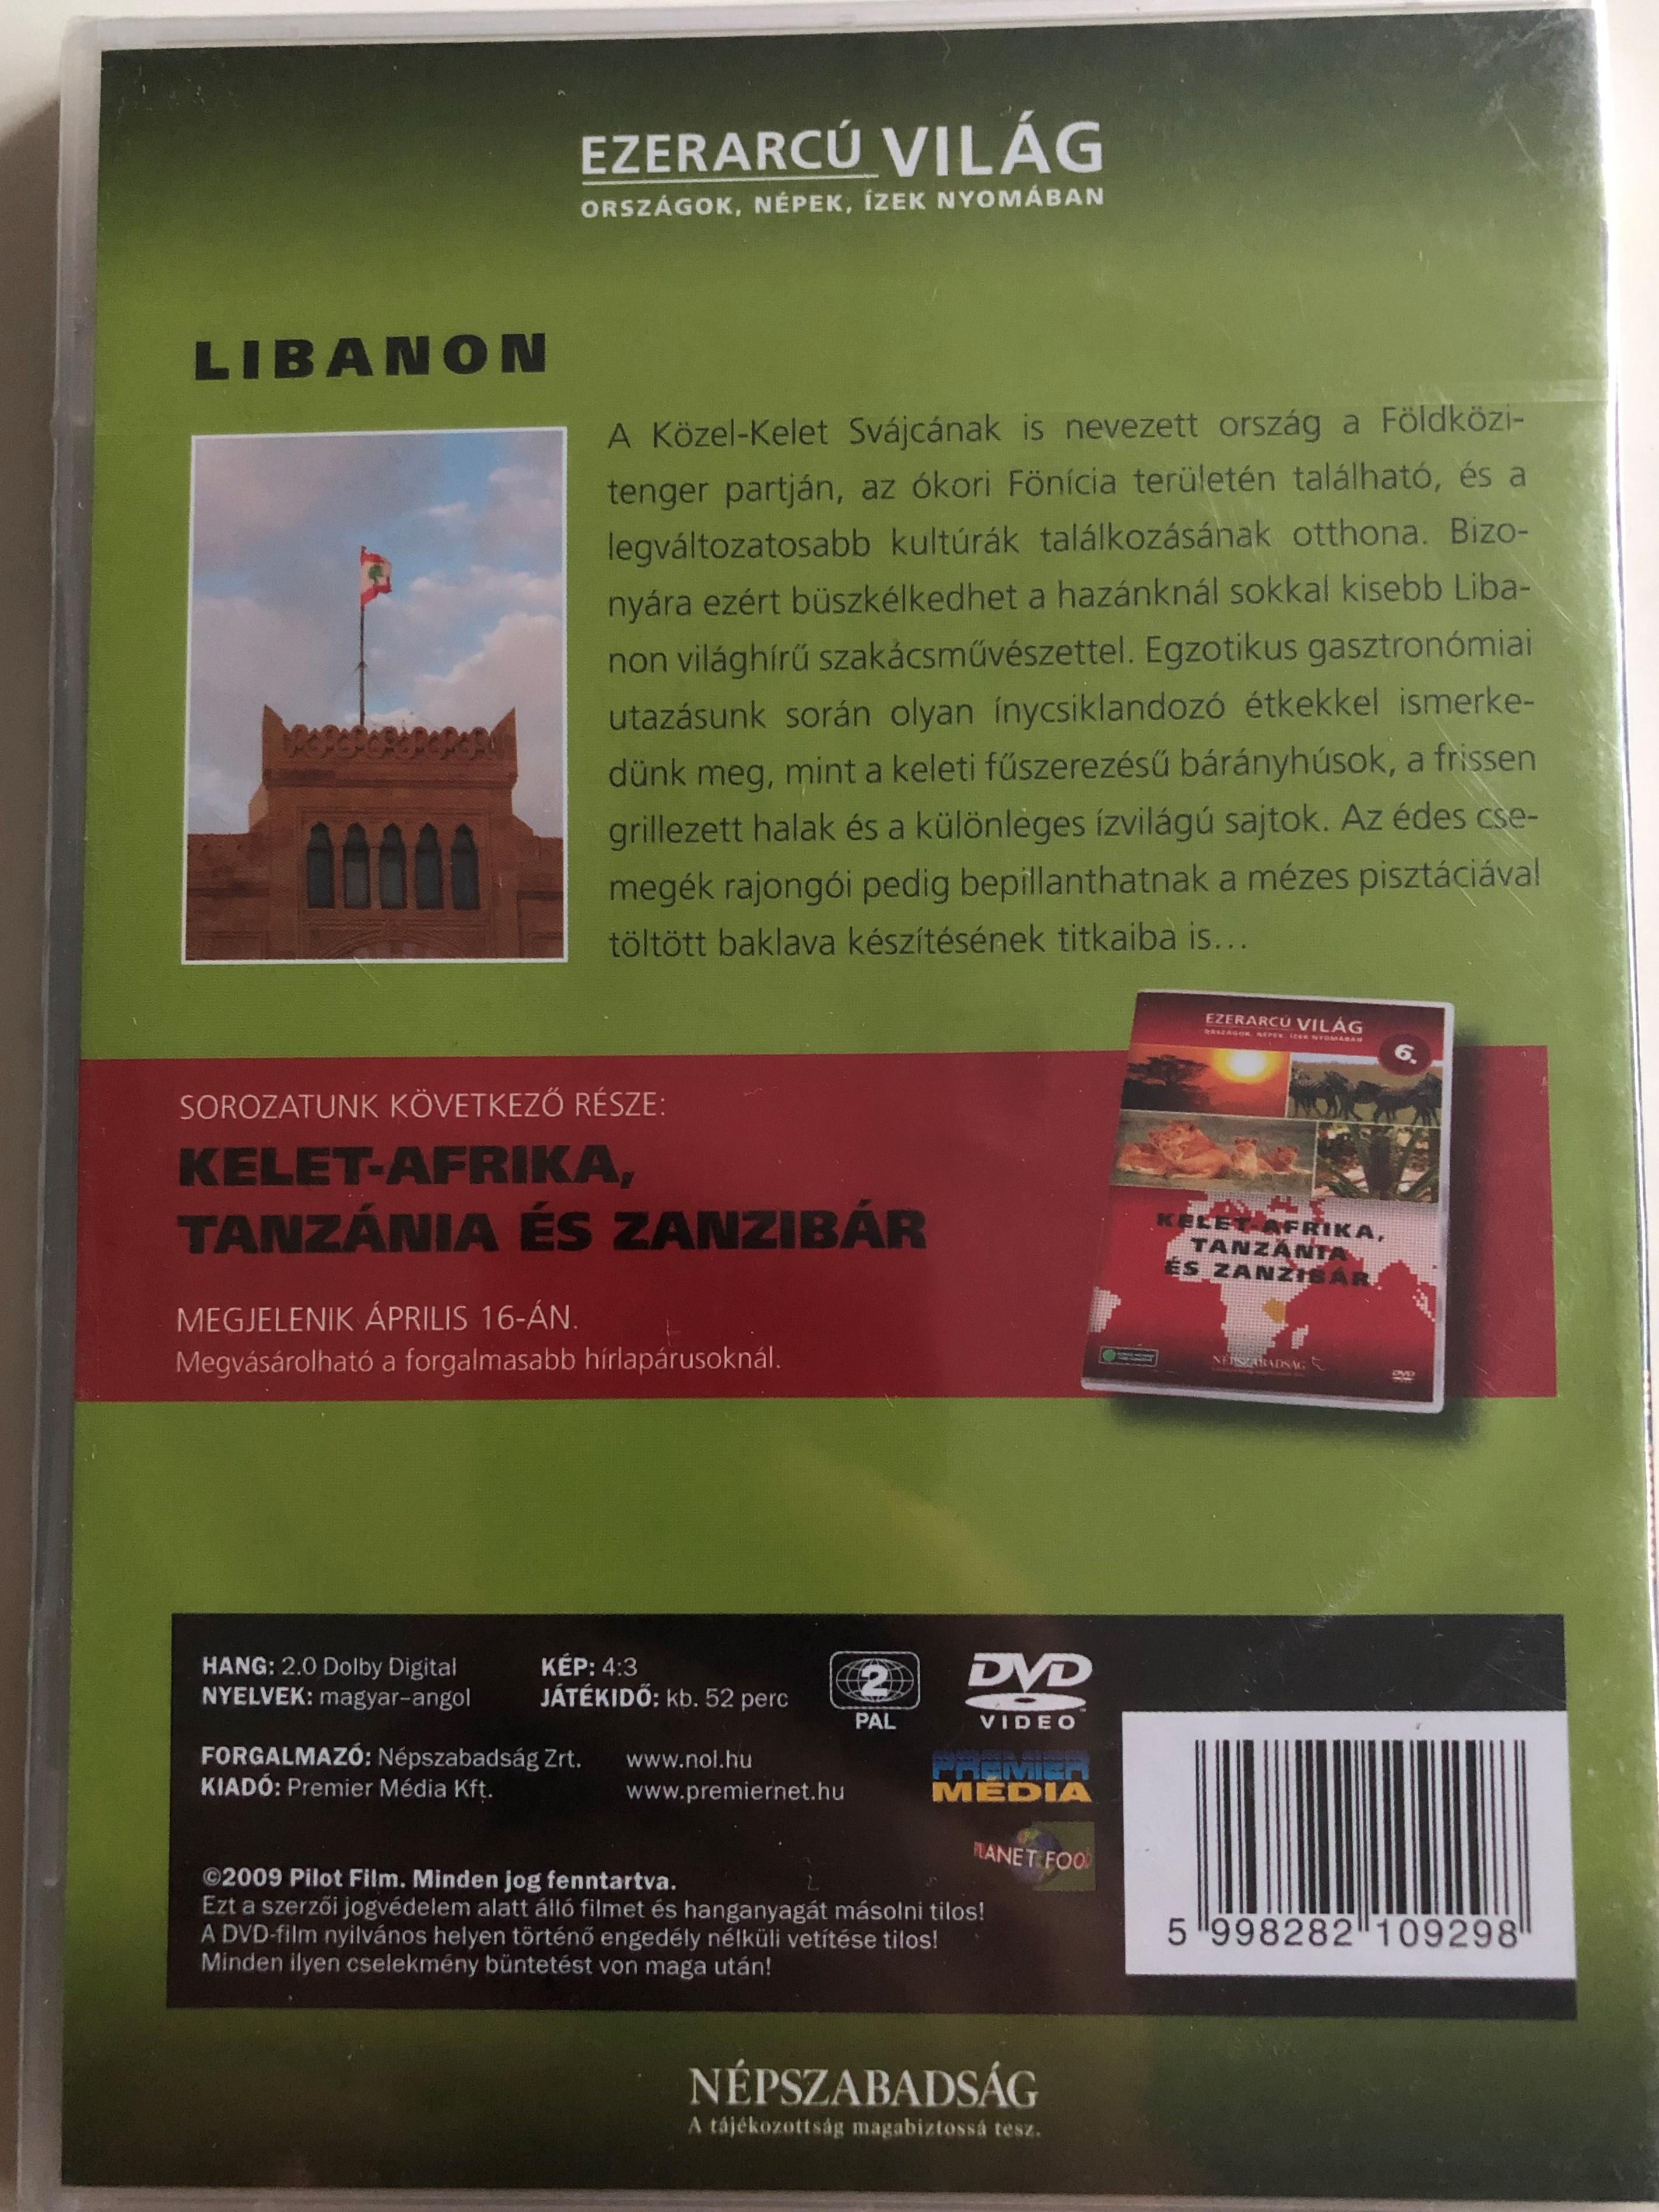 ezerarc-vil-g-vol.-5-libanon-lebanon-dvd-2009-orsz-gok-n-pek-zek-nyom-ban-20-x-dvd-set-2009-n-pszabads-g-premier-media-pilot-film-documentary-series-about-our-world-2-.jpg